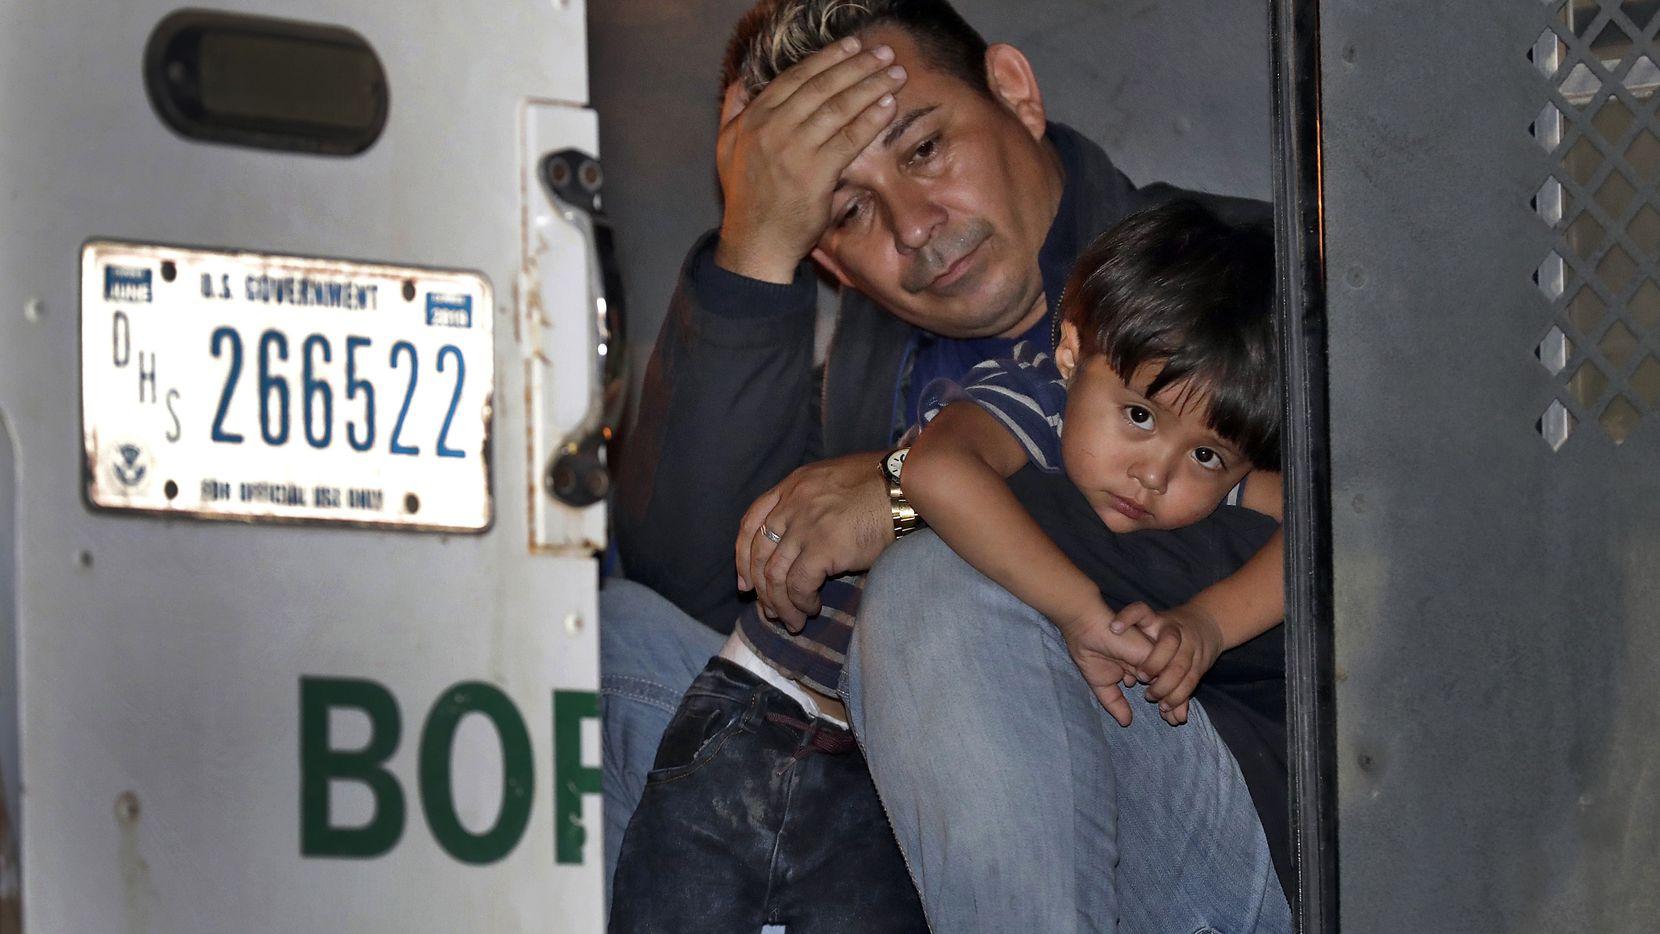 Un padre y su hijo de 3 años se asoman a la puerta de un vehículo de la Patrulla Fronteriza en el que están detenidos, el miércoles 18 de julio de 2018 en San Luis, Arizona.